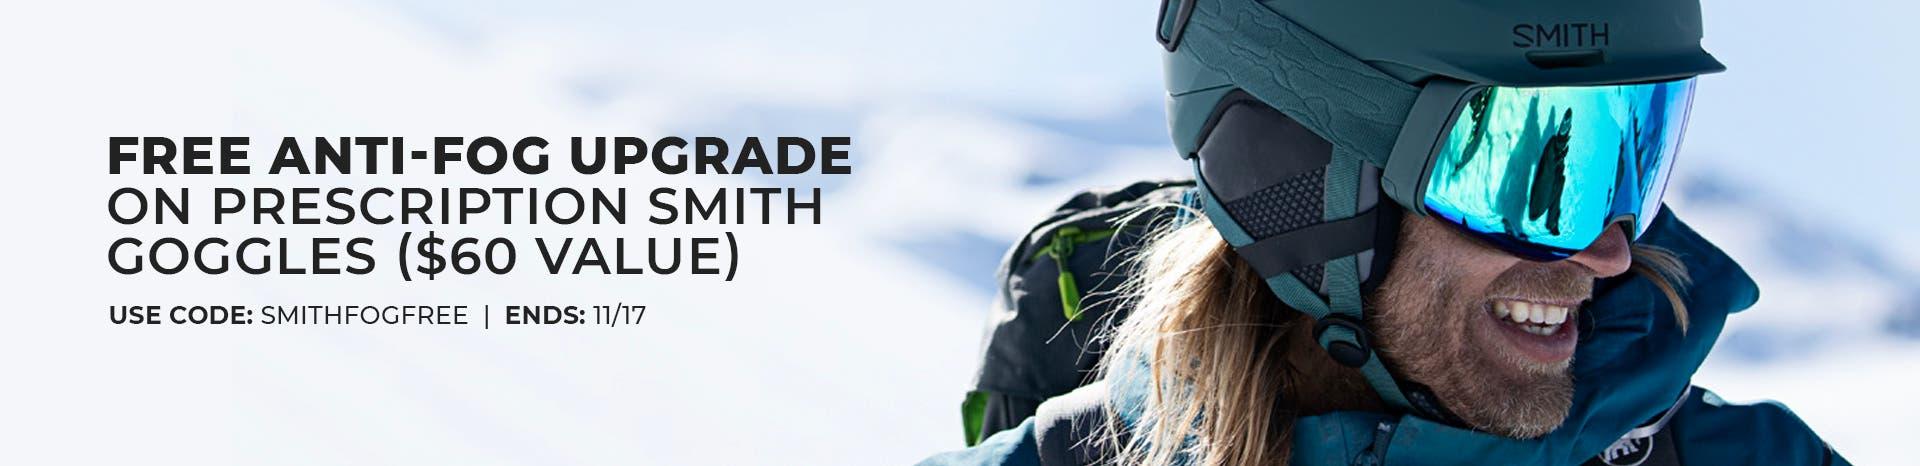 smith snow goggles & smith prescription ski & snowboard goggles